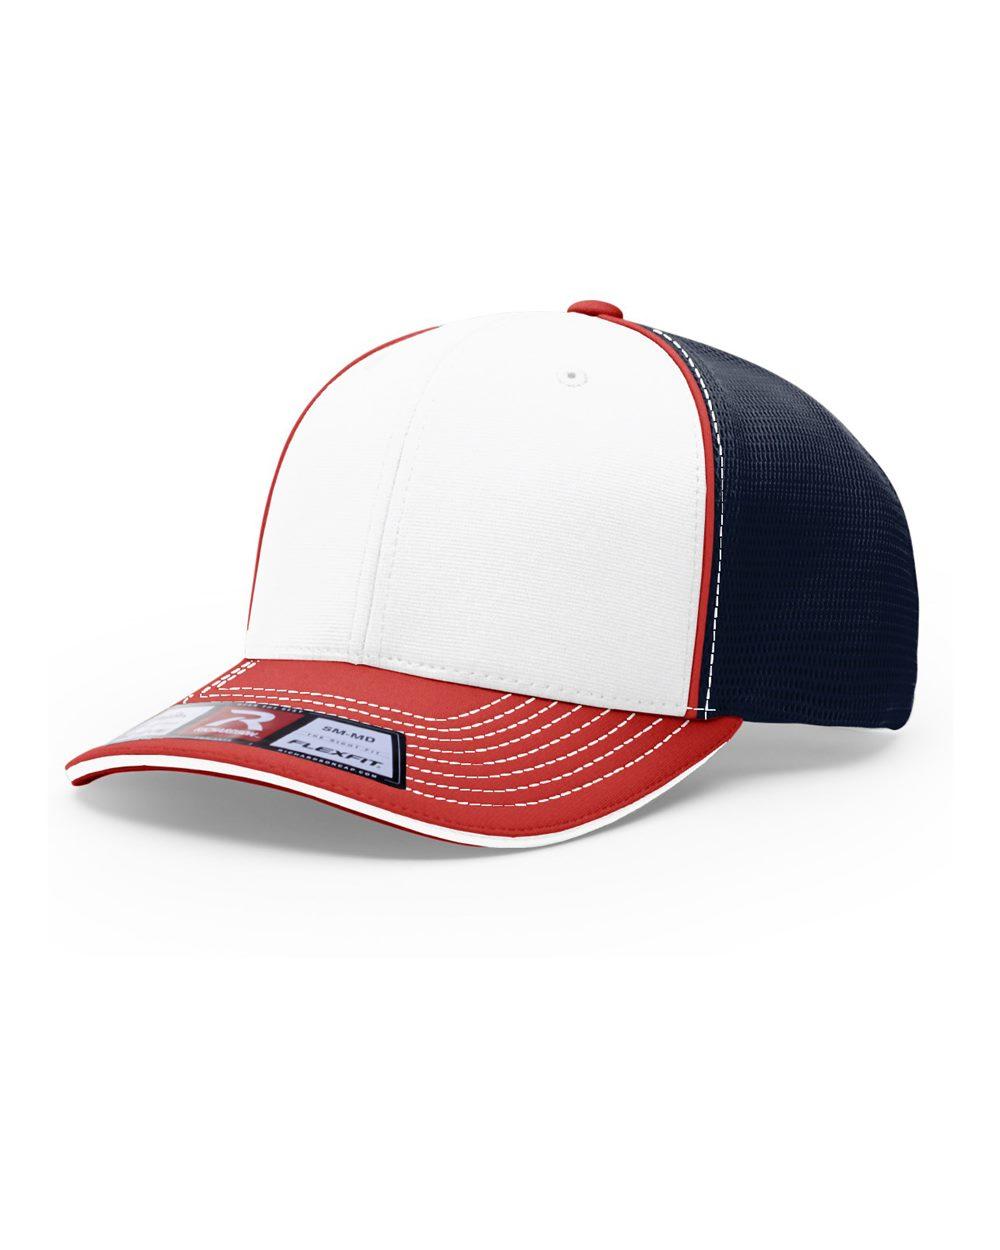 efae47b09d4b5 Richardson 172 - Pulse Sportmesh Cap with R-Flex  8.31 - Headwear